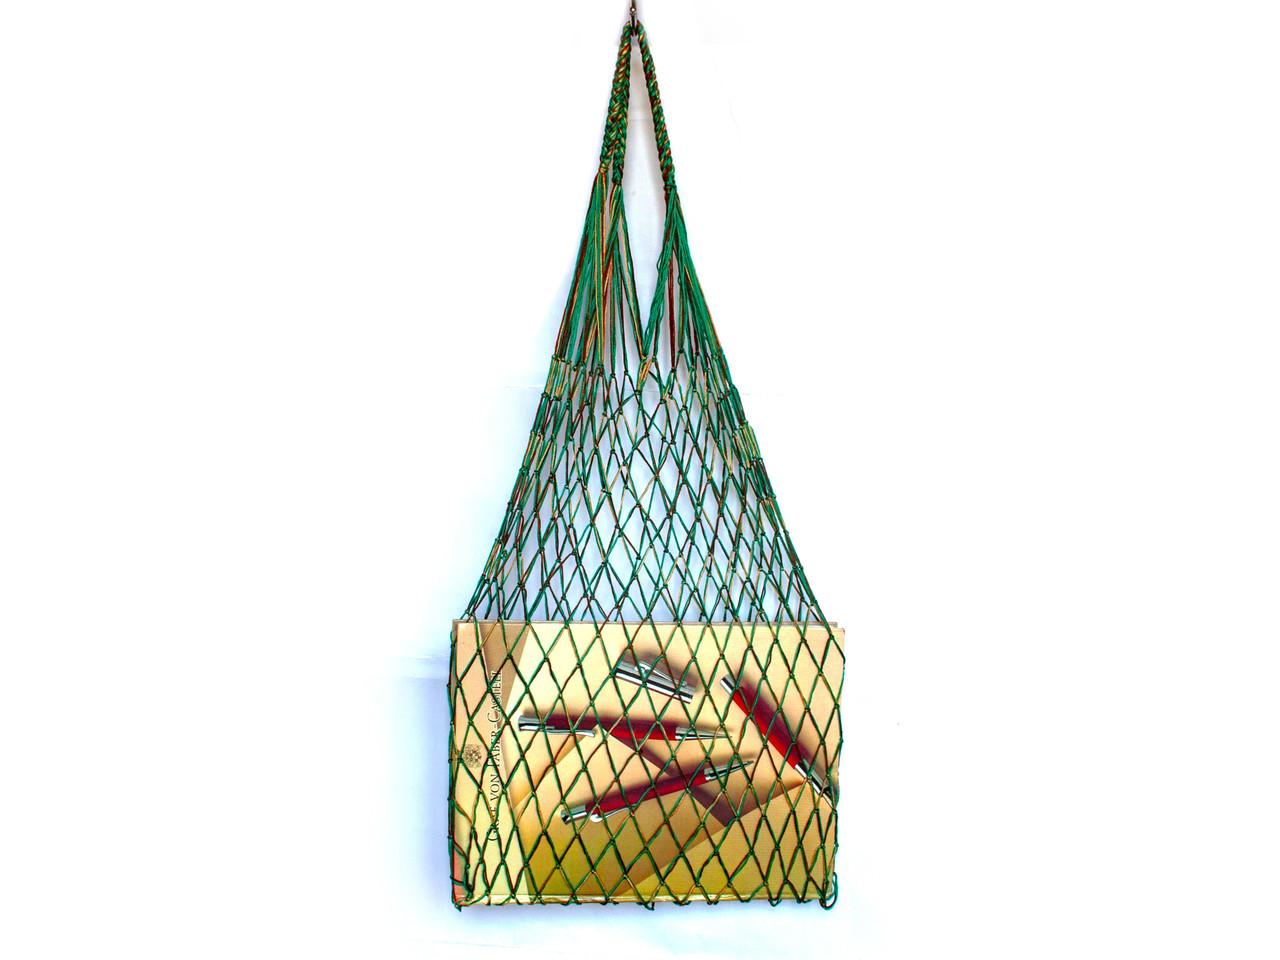 Авоська - тропическая зелень - Шопер сумка -  Французская сумка - Ежедневная сумка